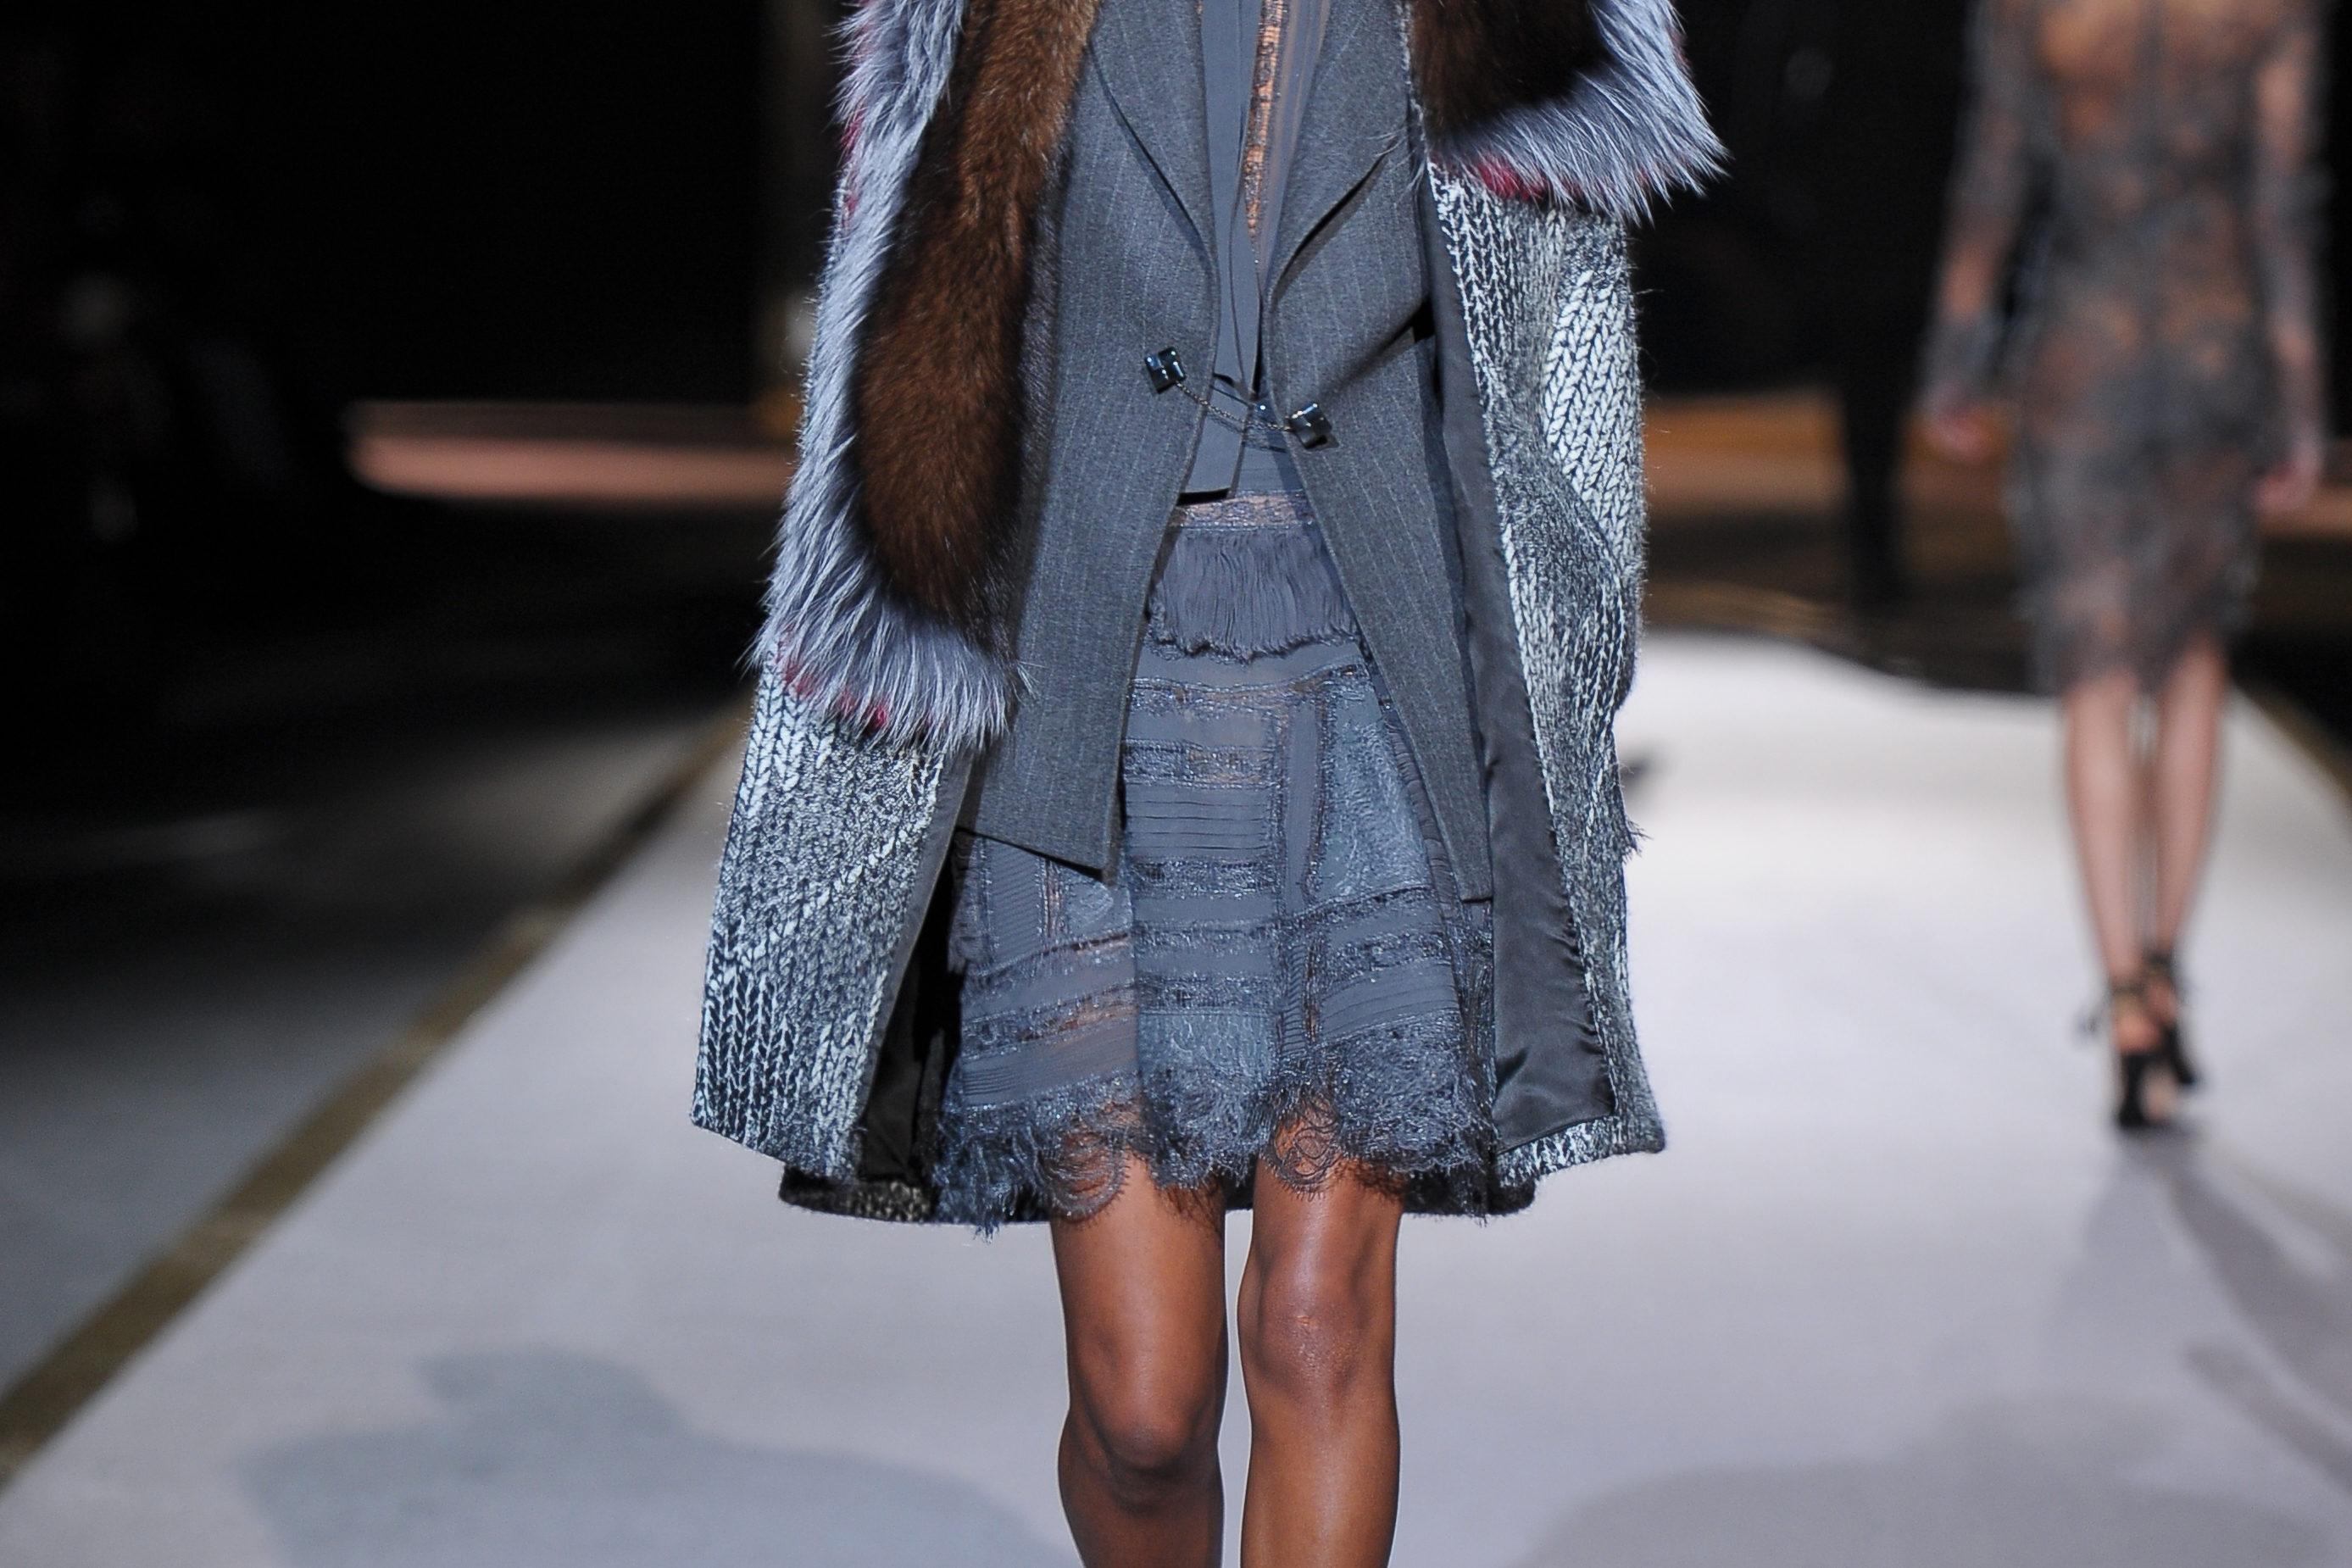 Eleganza, dettagli preziosi e artigianalità: Ermanno Scervino fashion show.